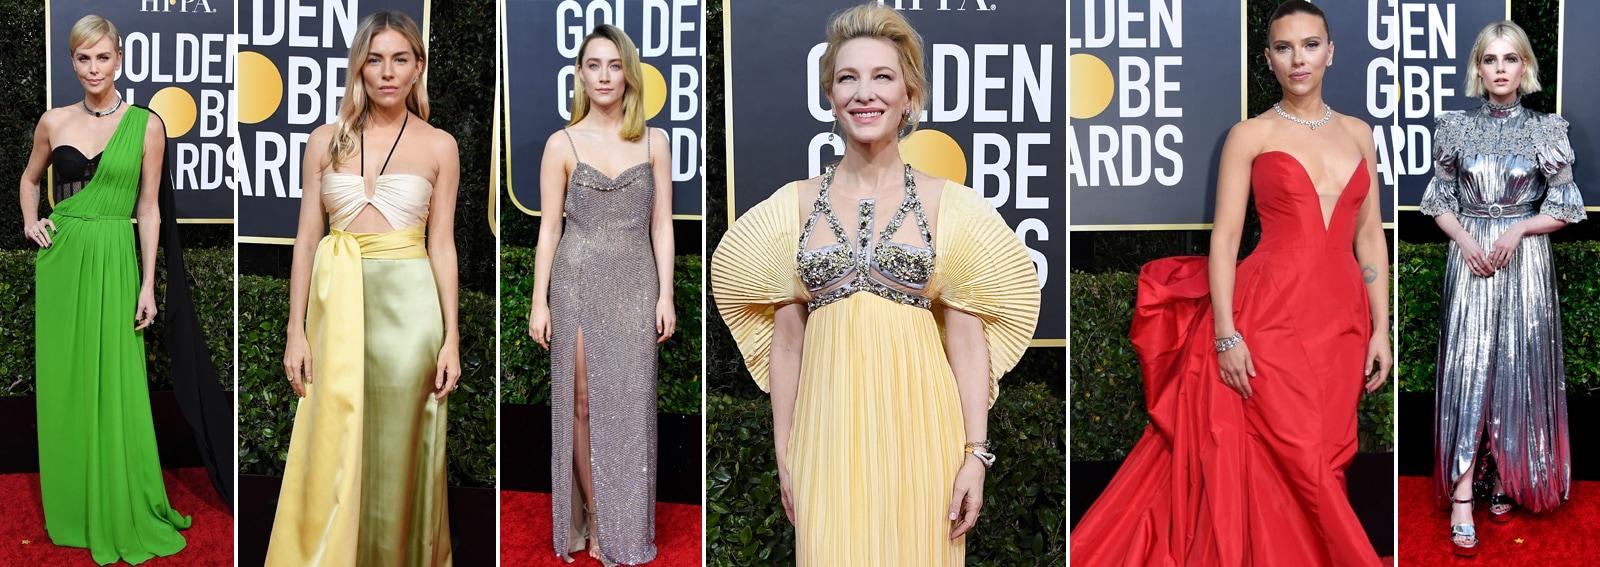 COVER-golden-globes-2020-red-carpet-DESKTOP